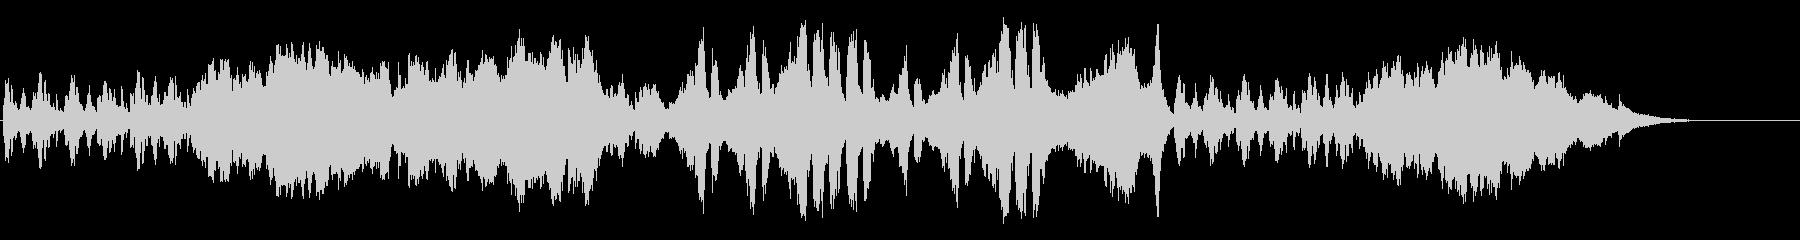 ドラマチックなクラシック/テーマの未再生の波形